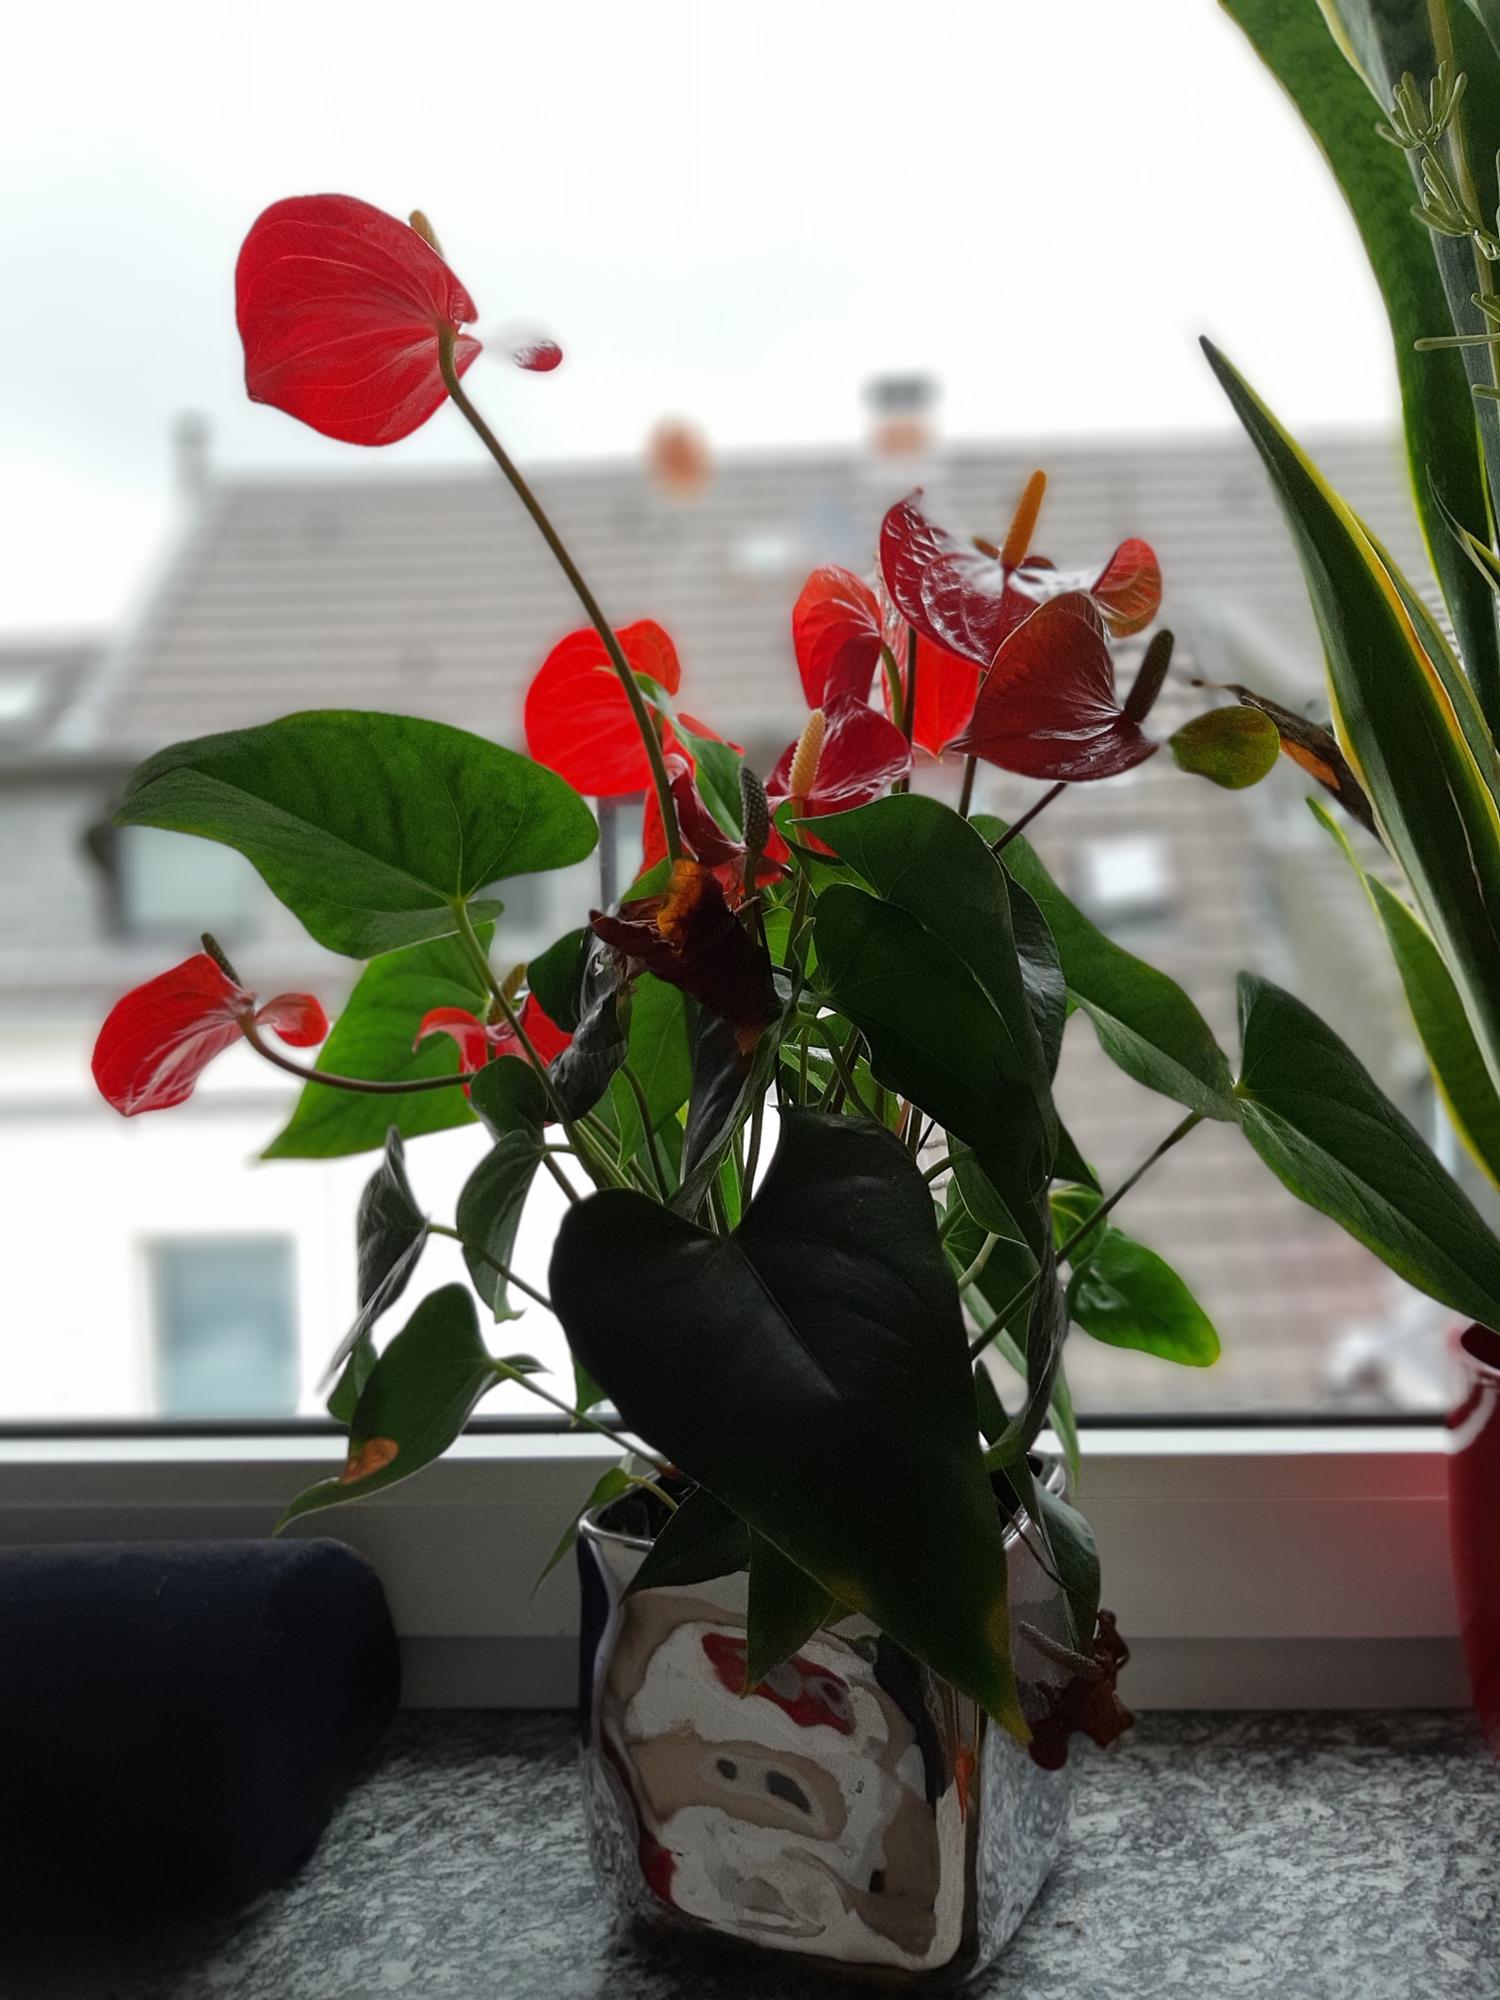 Flamingoblume, auch Anthurien genannt, ein Geschenk von unserer Yoga-Vertretungslehrerin Britta.